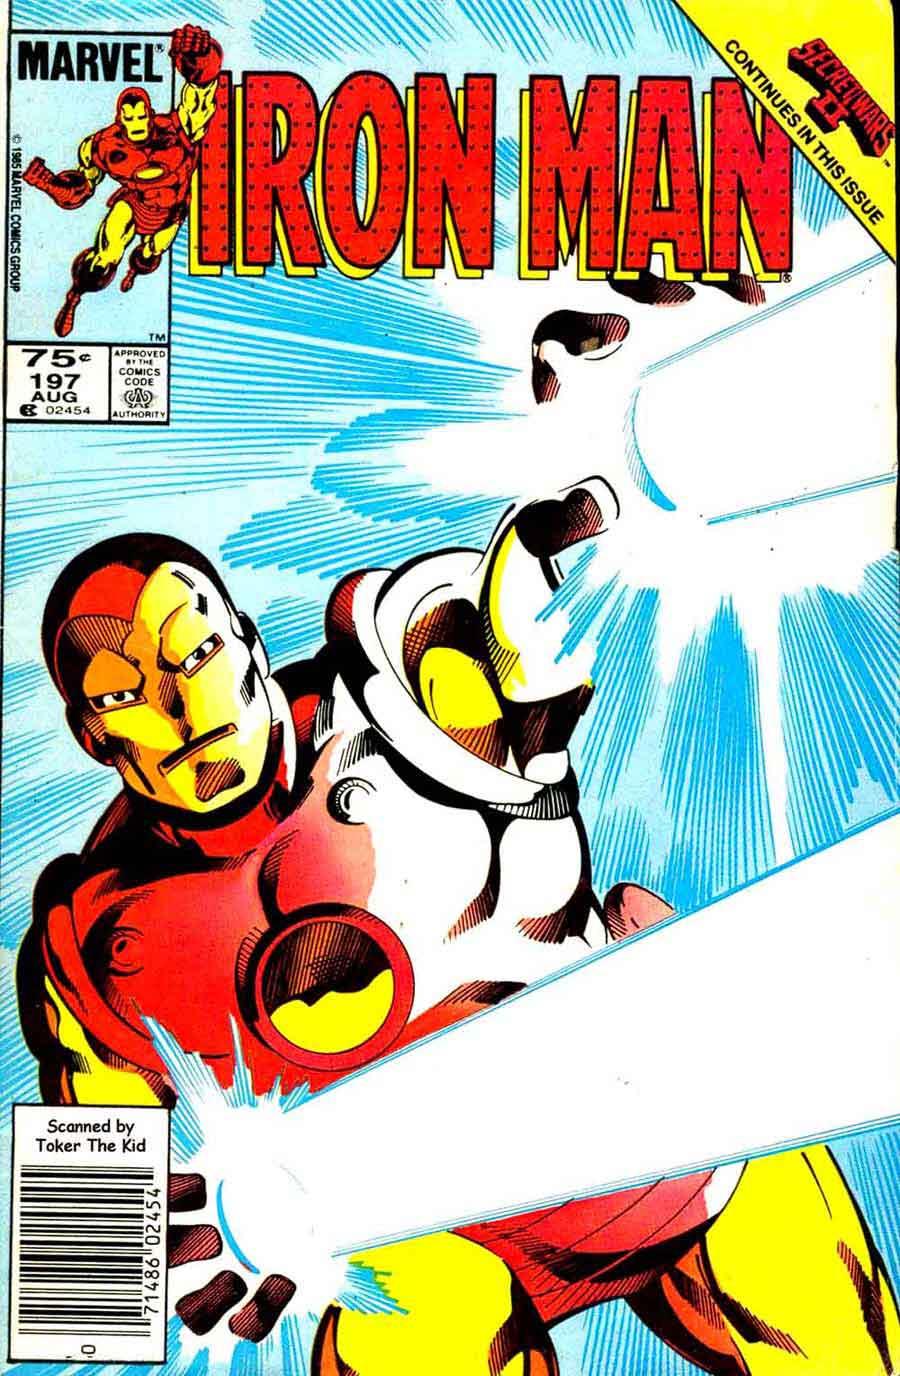 Iron Man v1 #197 marvel comic book cover art by John Byrne